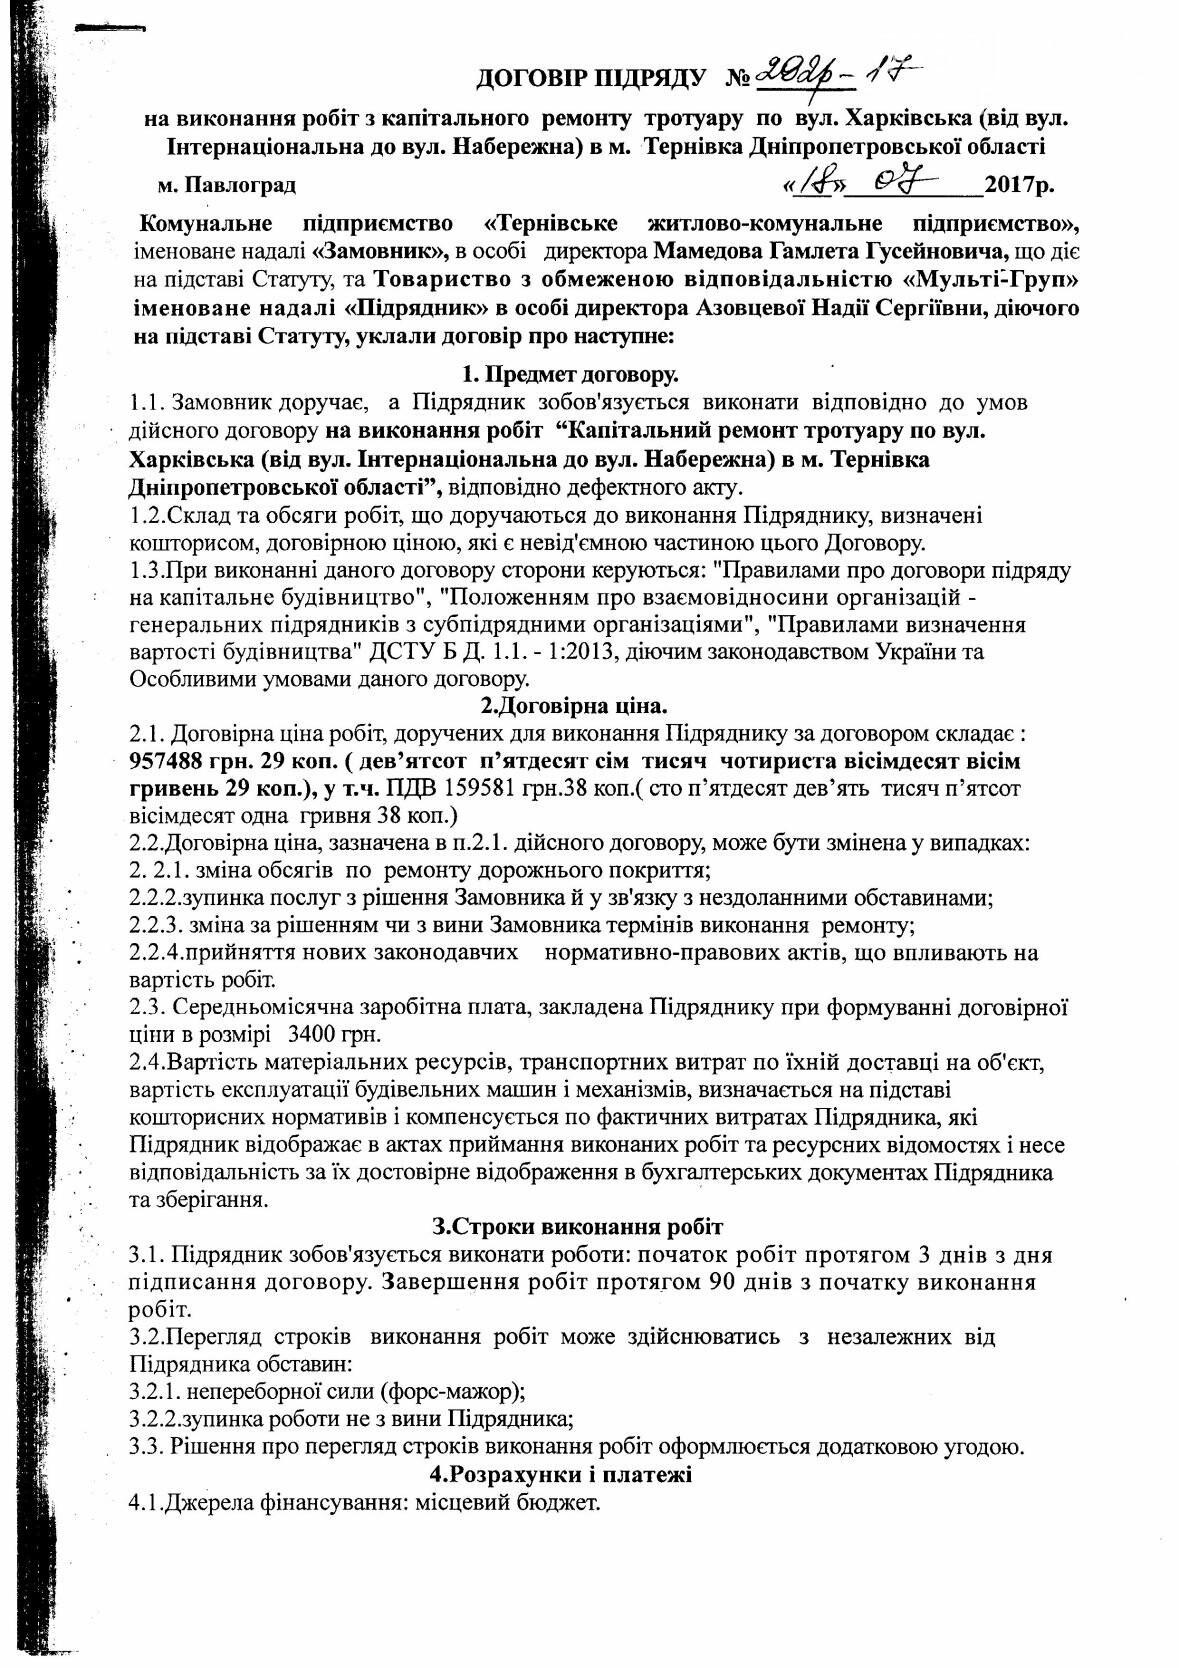 Терновские коммунальщики в обход «Prozorro» заключили договора на 5 млн. грн., фото-1